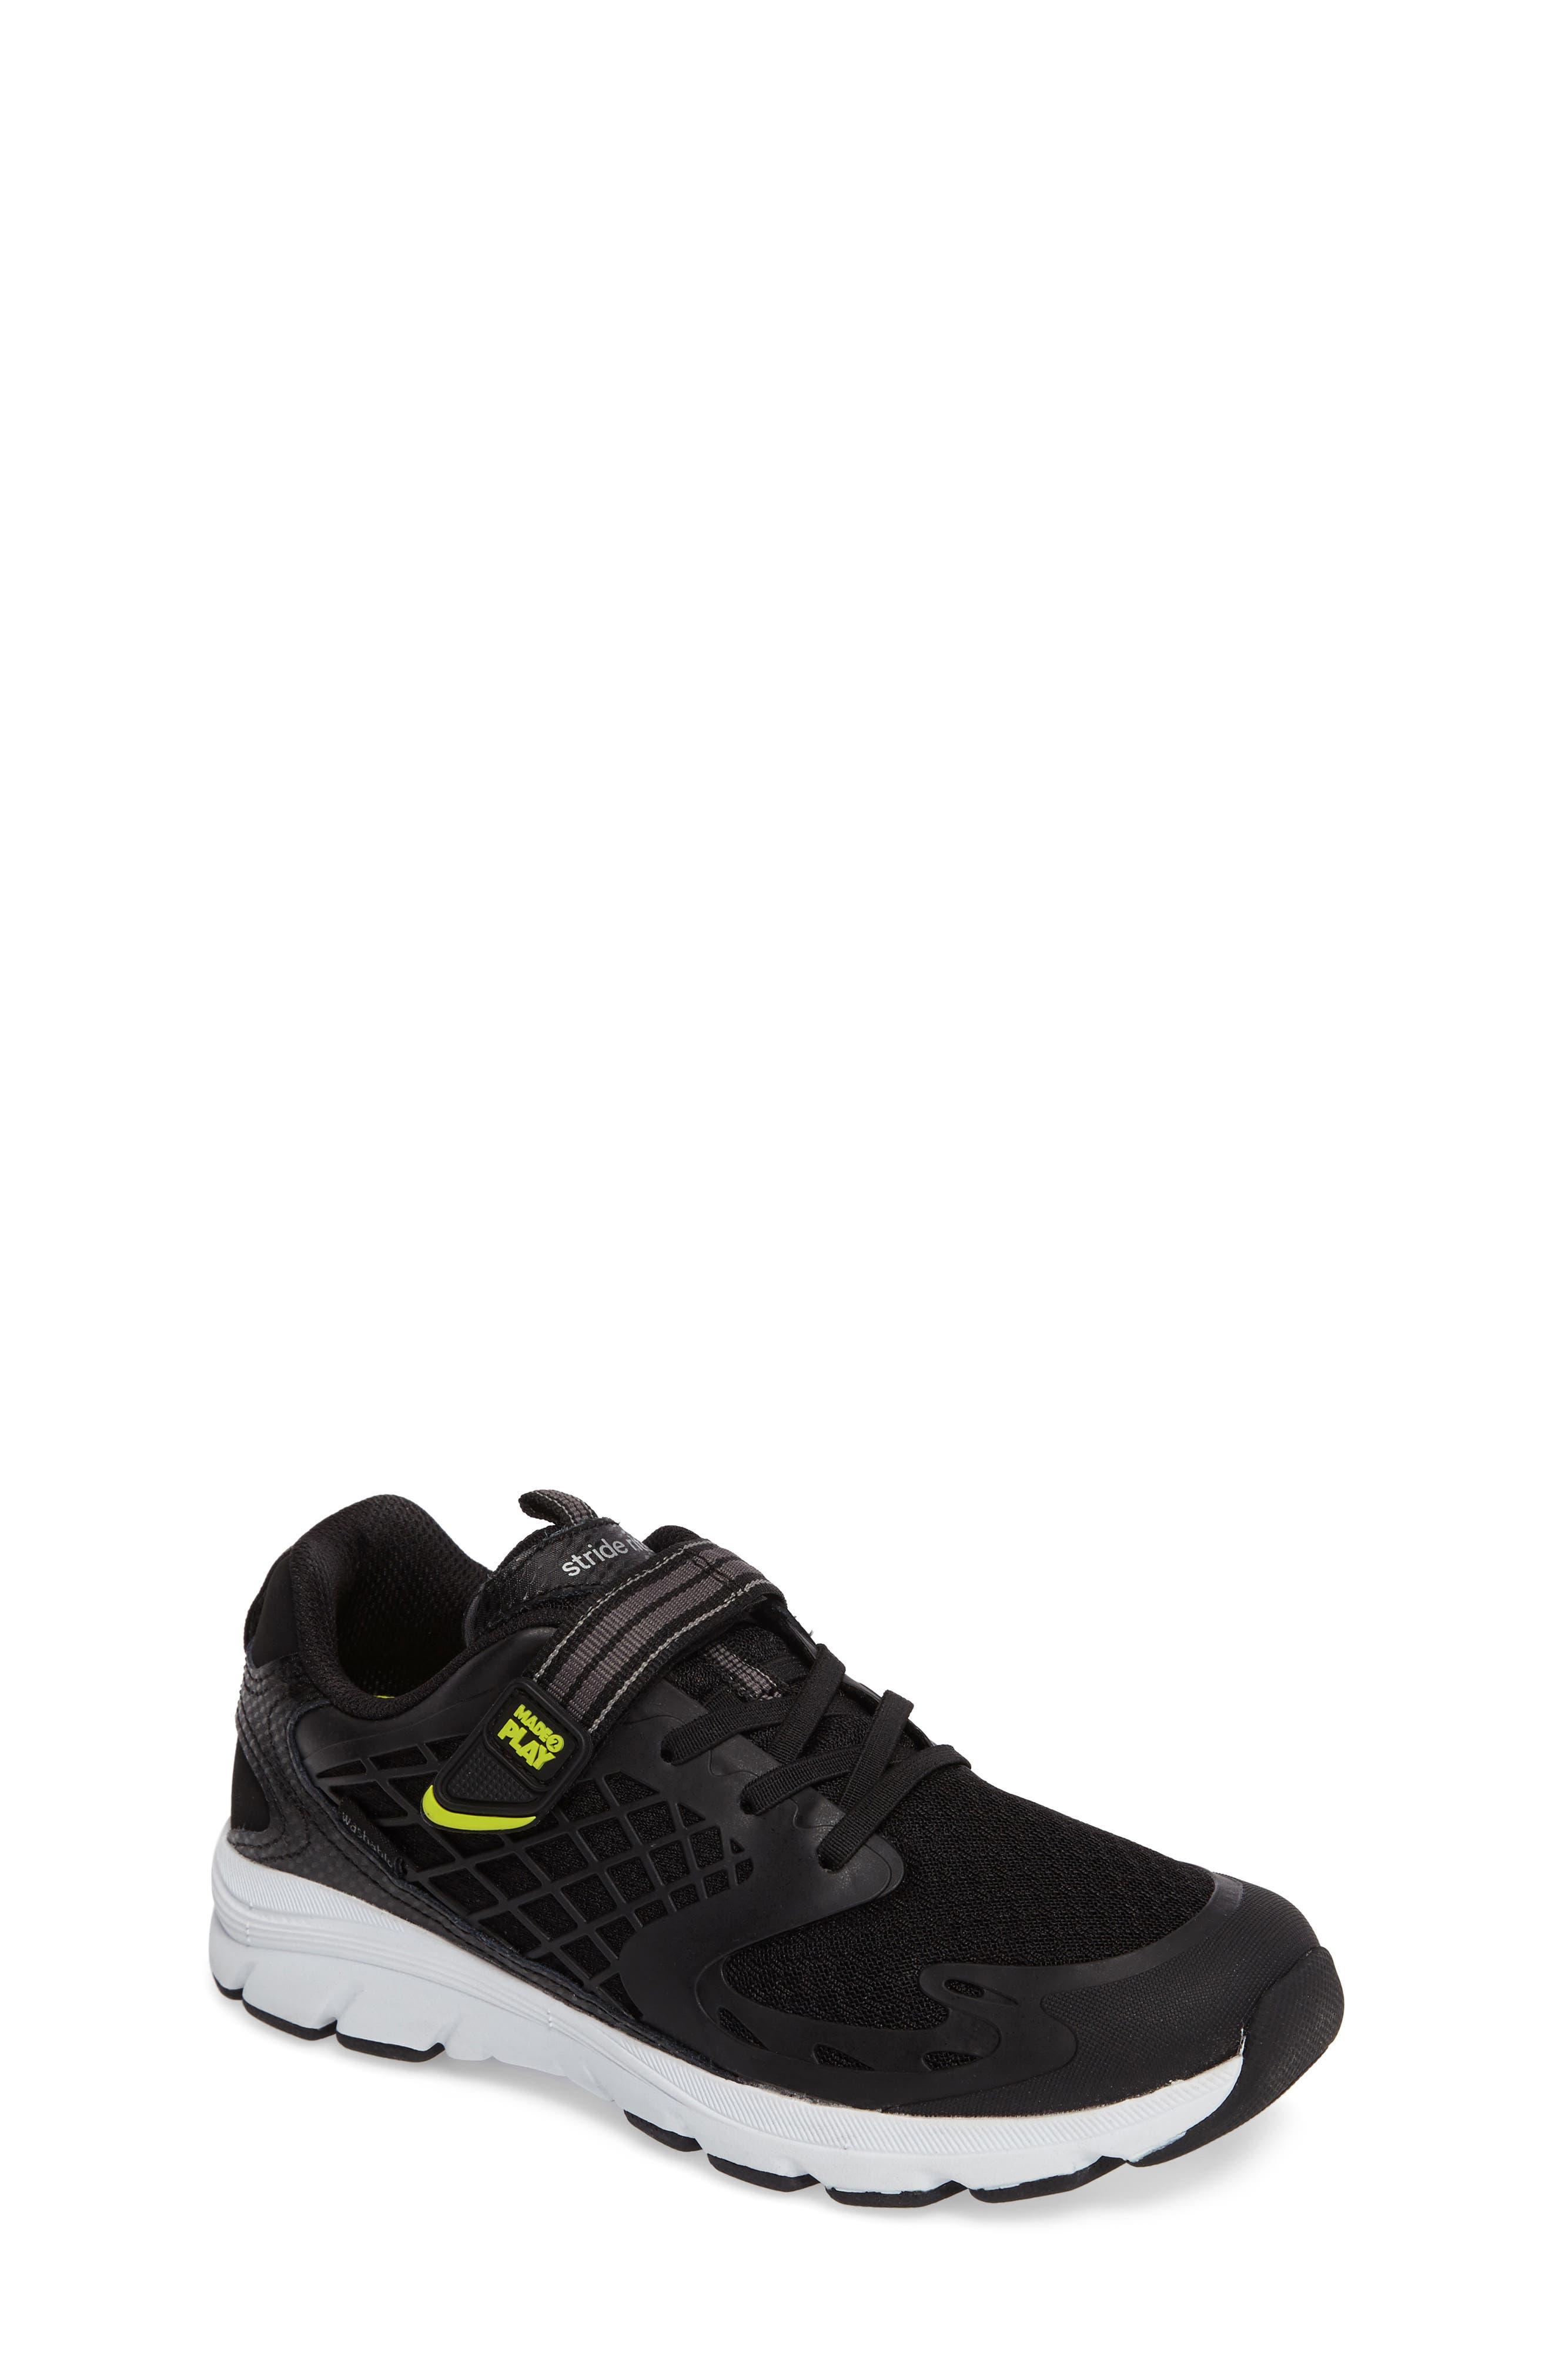 STRIDE RITE Made 2 Play Breccen Sneaker, Main, color, 001